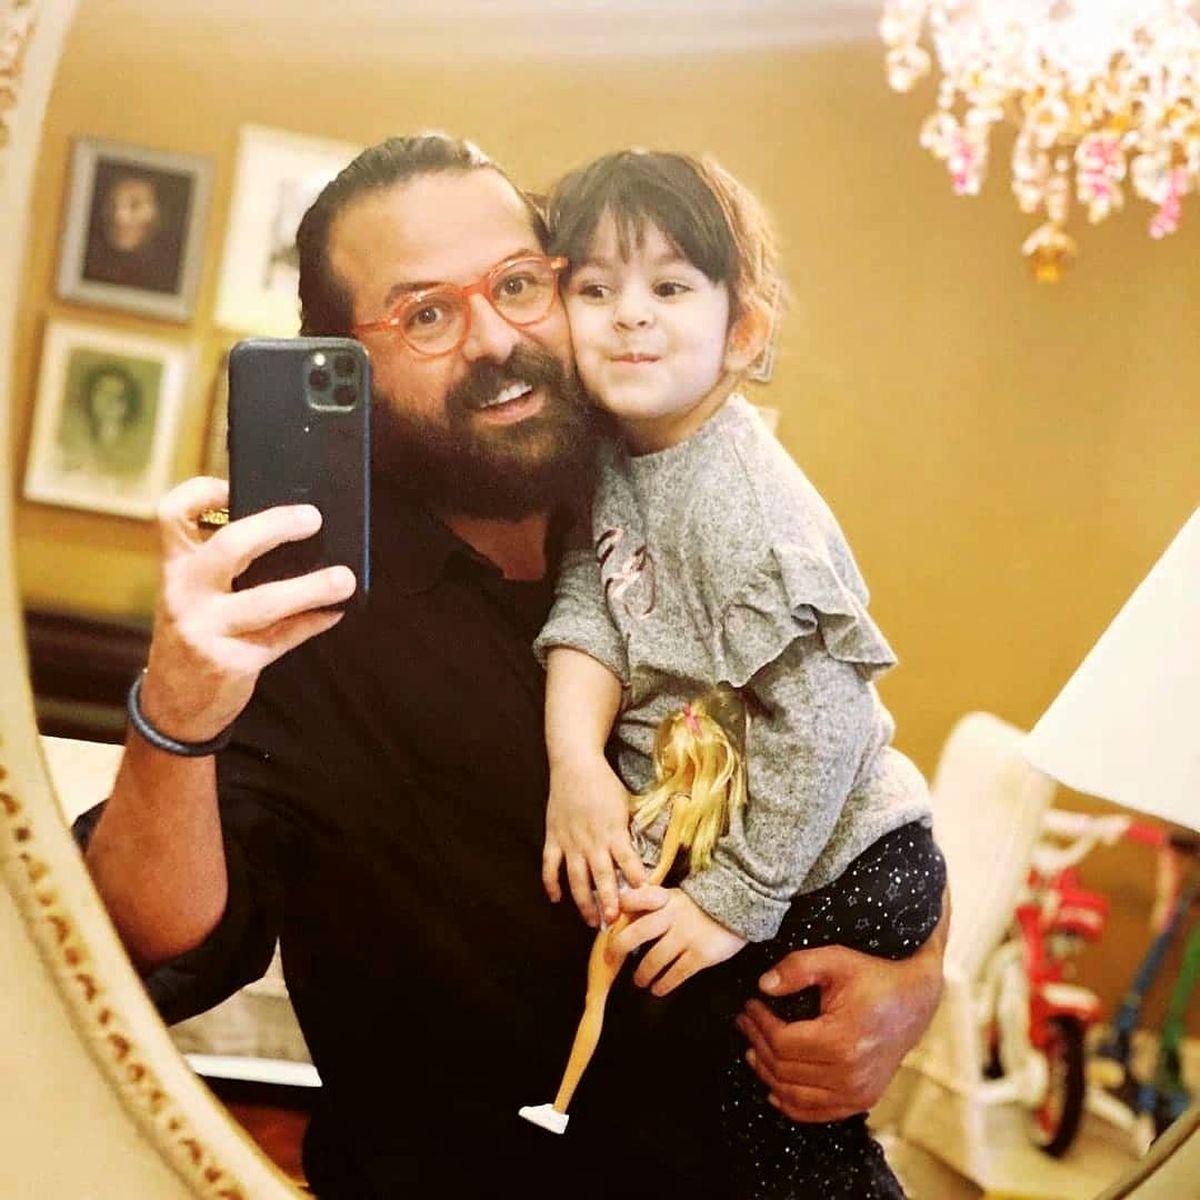 هومن سیدی و همسرش در خانه +عکس